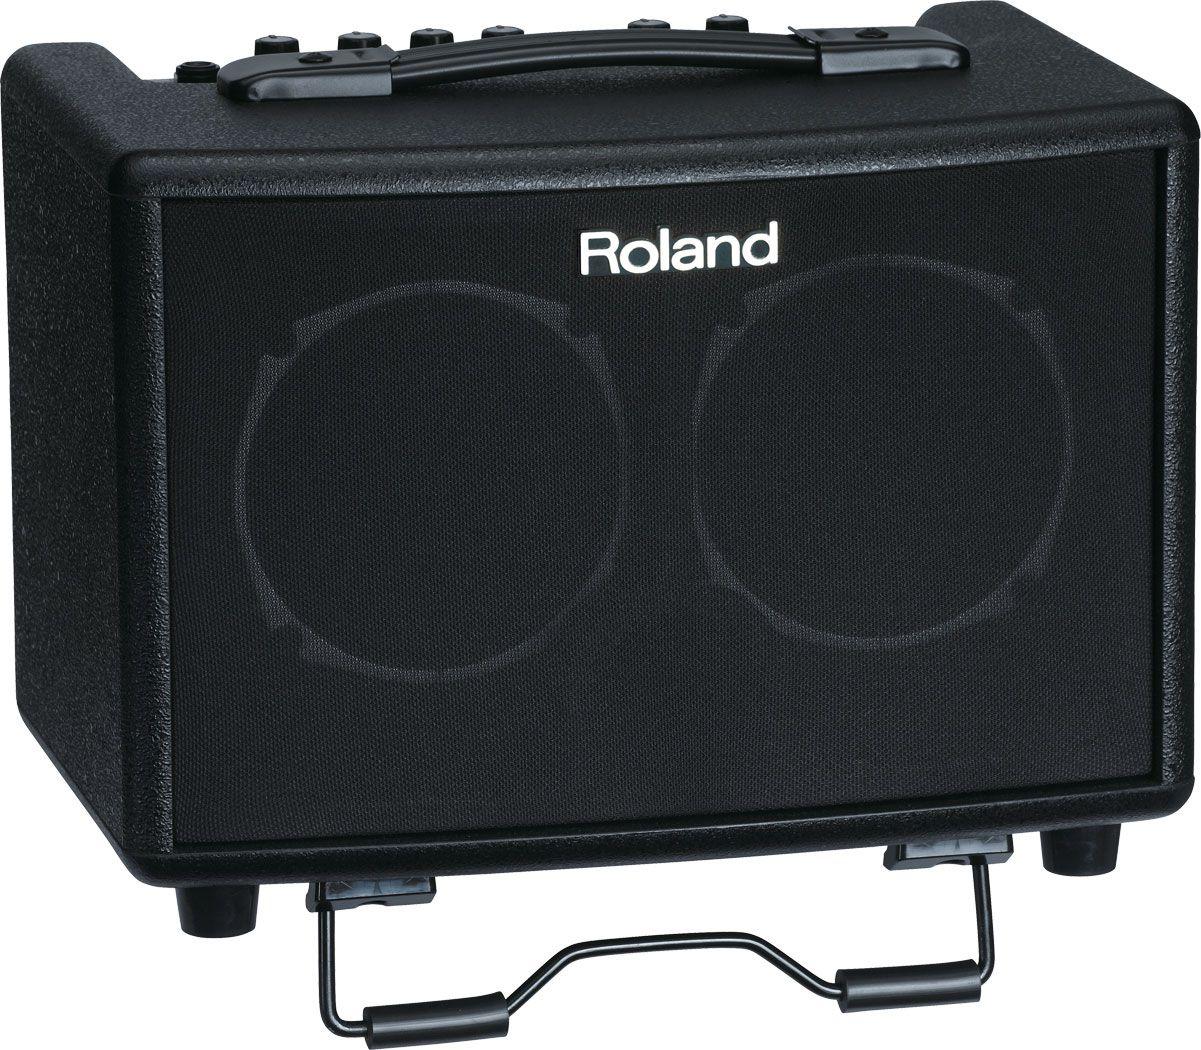 Amplificador Roland AC-33 Acoustic Chorus para Violão e Voz - Preto (BK)